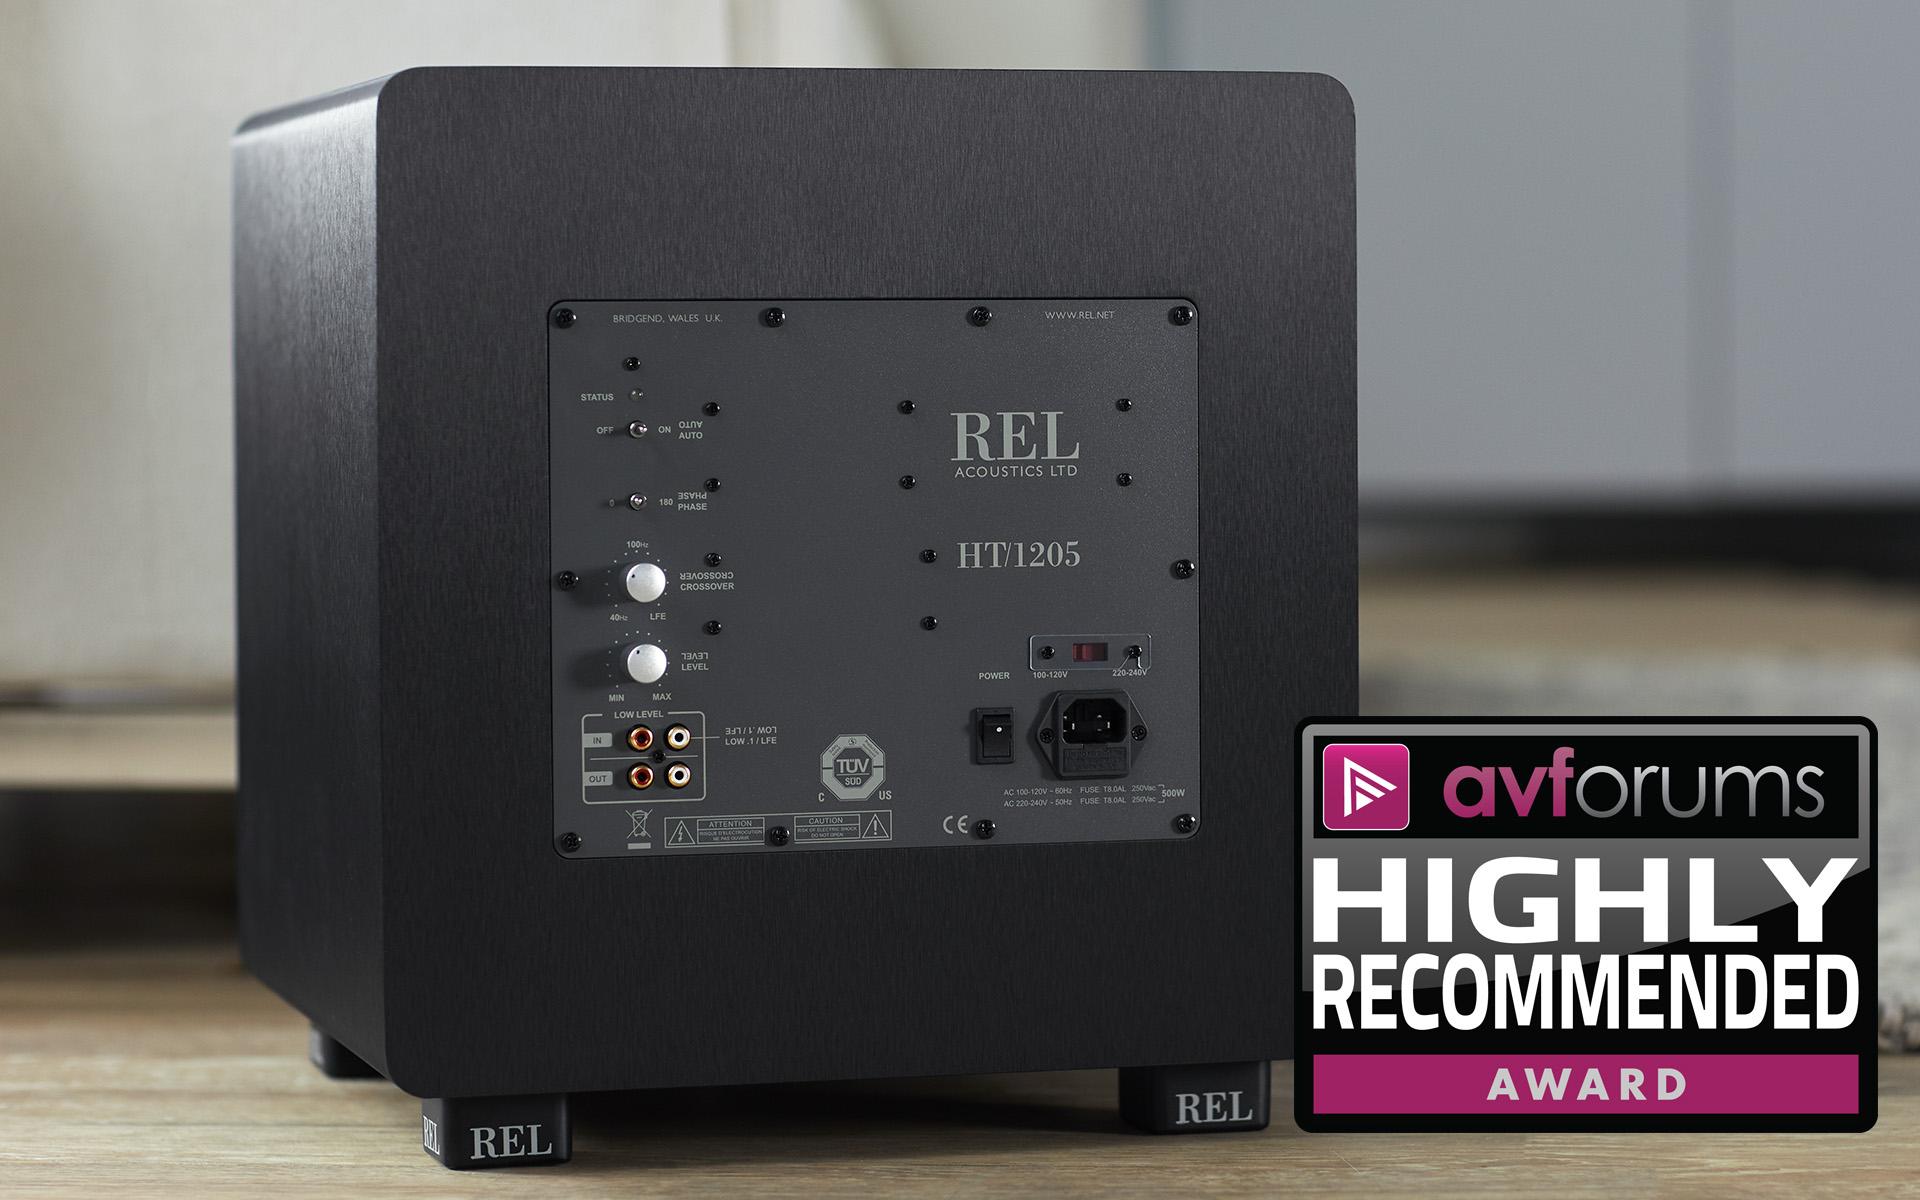 REL HT/1205: AVforums настоятельно рекомендует